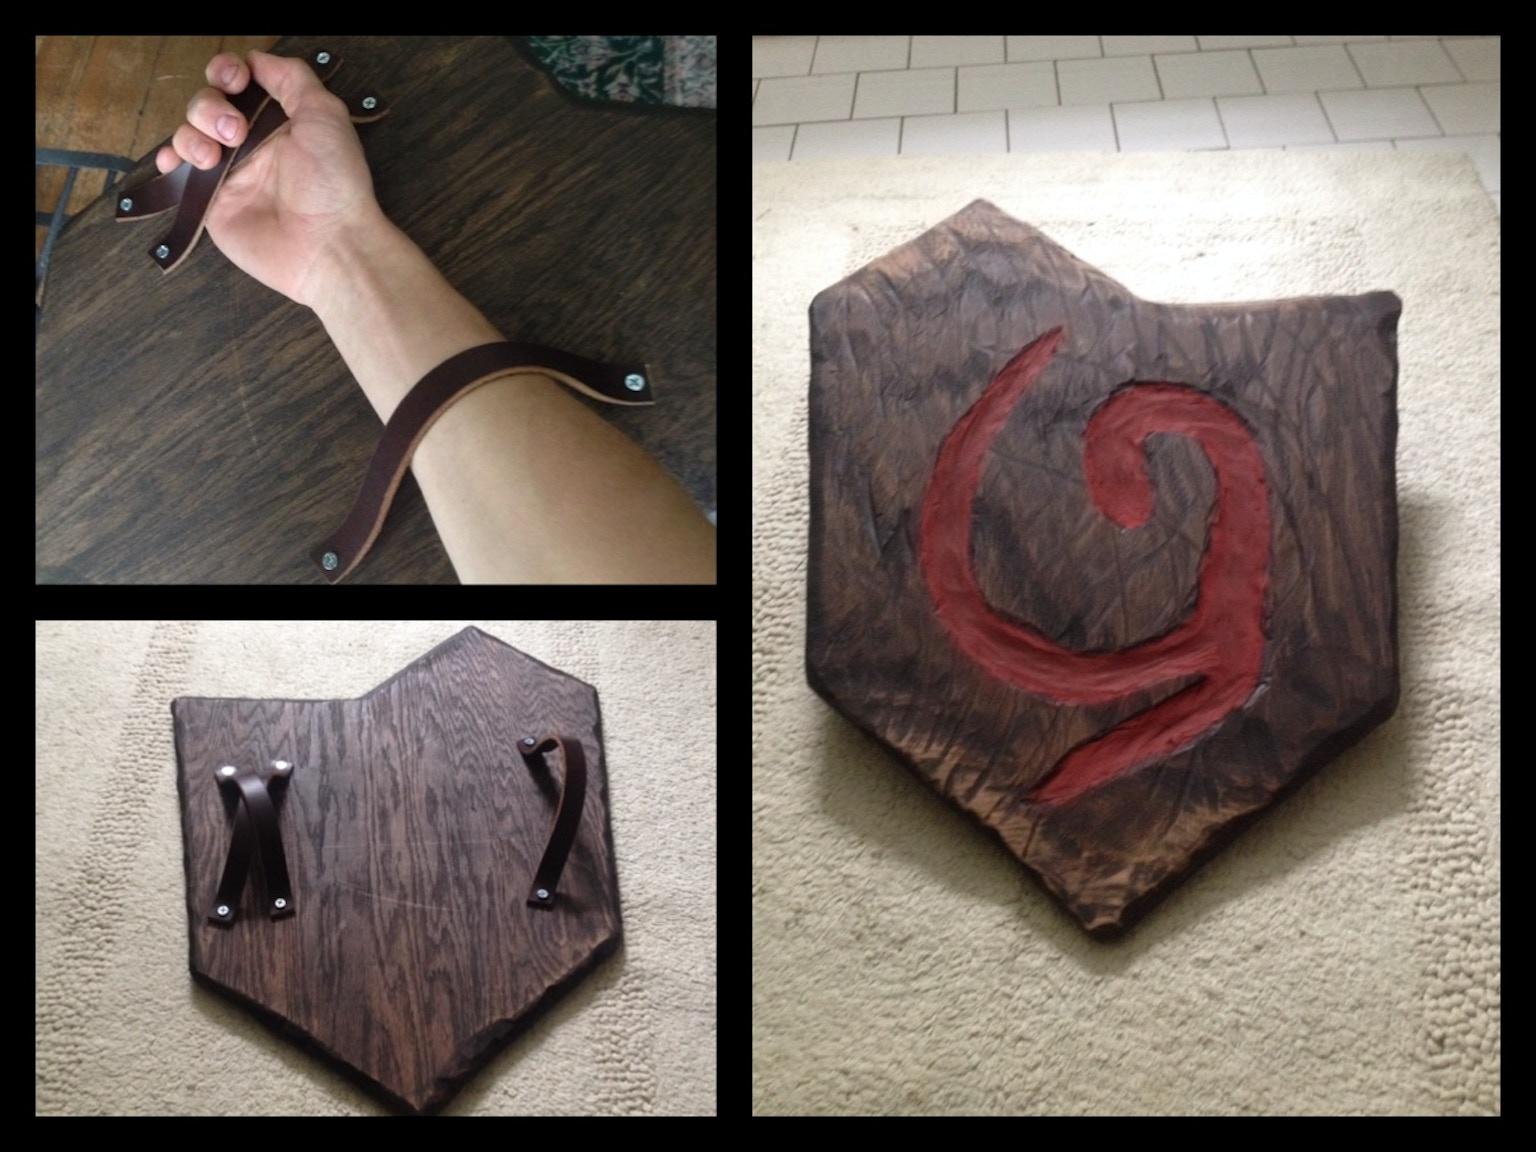 deku shield replica - photo #28